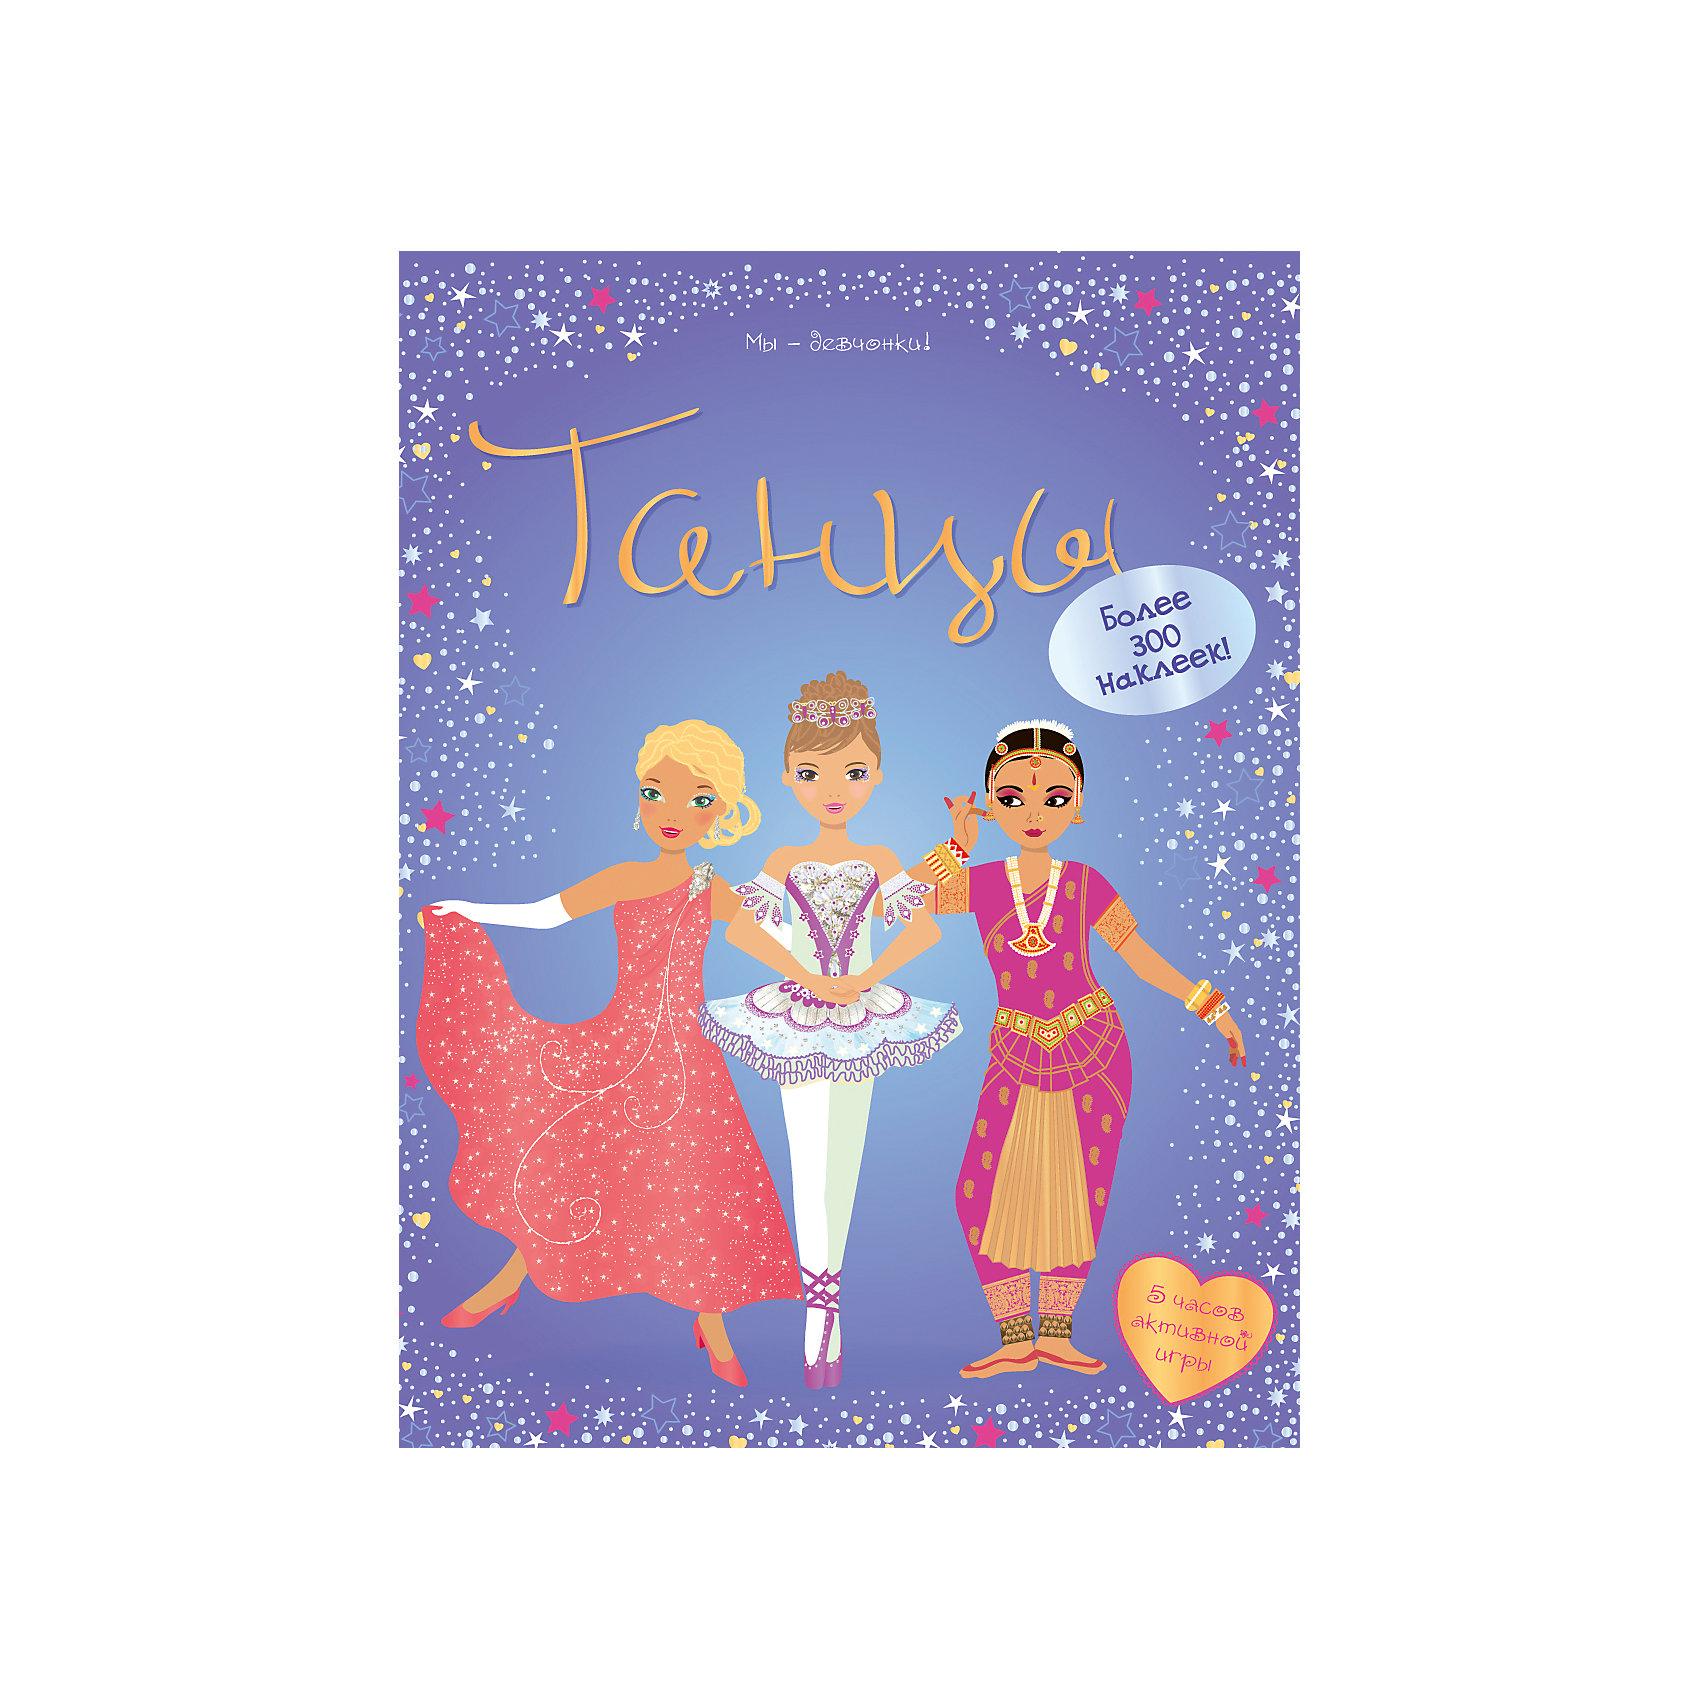 Танцы, СупернаклейкиМахаон<br>Все девчонки очень любят наряжаться! А ещё они с удовольствием поют и танцуют. Им нравится путешествовать, узнавать что-то новое и вообще во всём принимать активное участие… Эта красивая серия книг с наклейками станет отличным подарком для нашей маленькой читательницы, потому что здесь собраны все самые интересные темы! Весёлая игра поможет вырасти ей умной и любознательной, отзывчивой и доброй.<br><br>Ширина мм: 305<br>Глубина мм: 240<br>Высота мм: 4<br>Вес г: 299<br>Возраст от месяцев: 84<br>Возраст до месяцев: 120<br>Пол: Женский<br>Возраст: Детский<br>SKU: 4818130